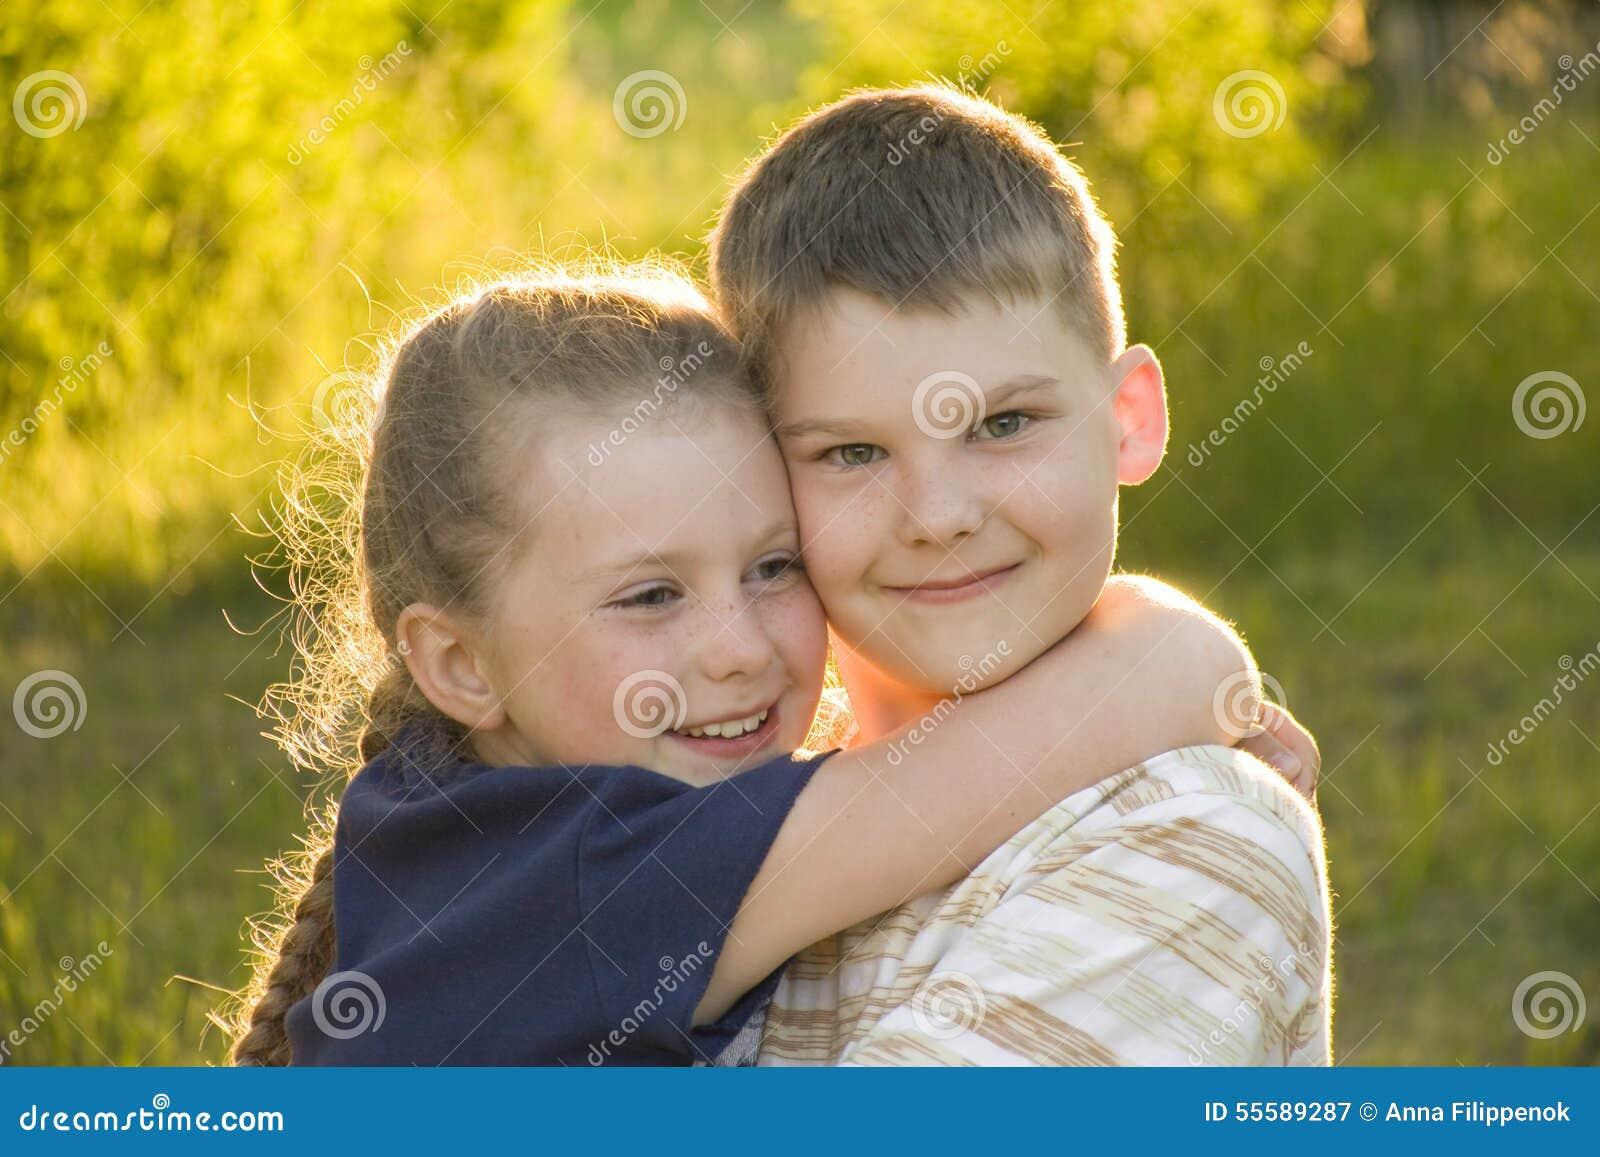 Сестра возбудила своего брата и его друга, Сестра возбудила брата и трахалась с ним - порнофаза 21 фотография